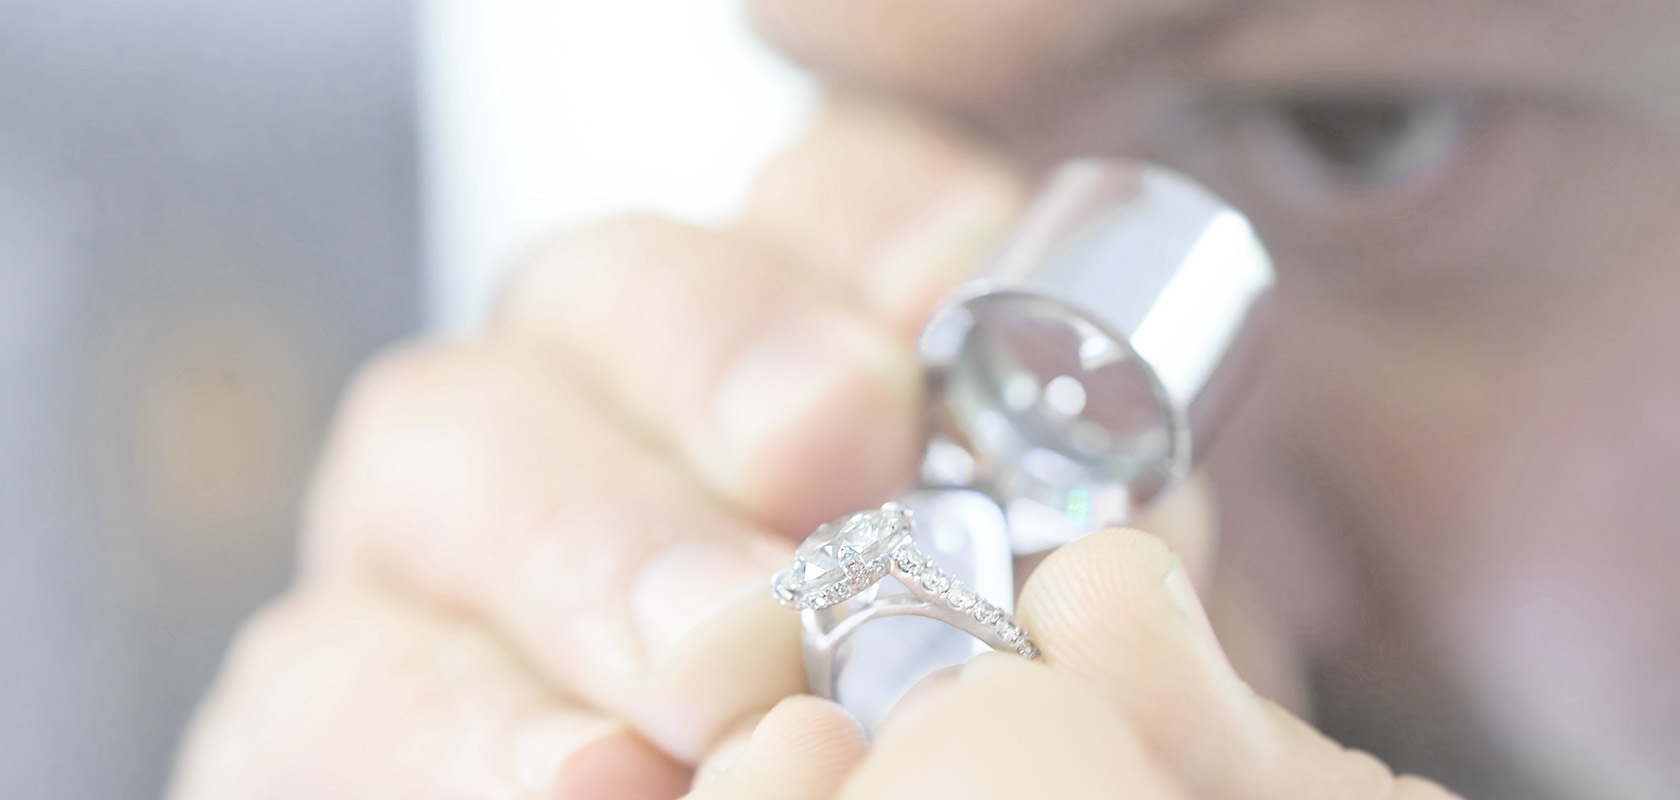 Diamond Education, Image of Diamond Symmetry